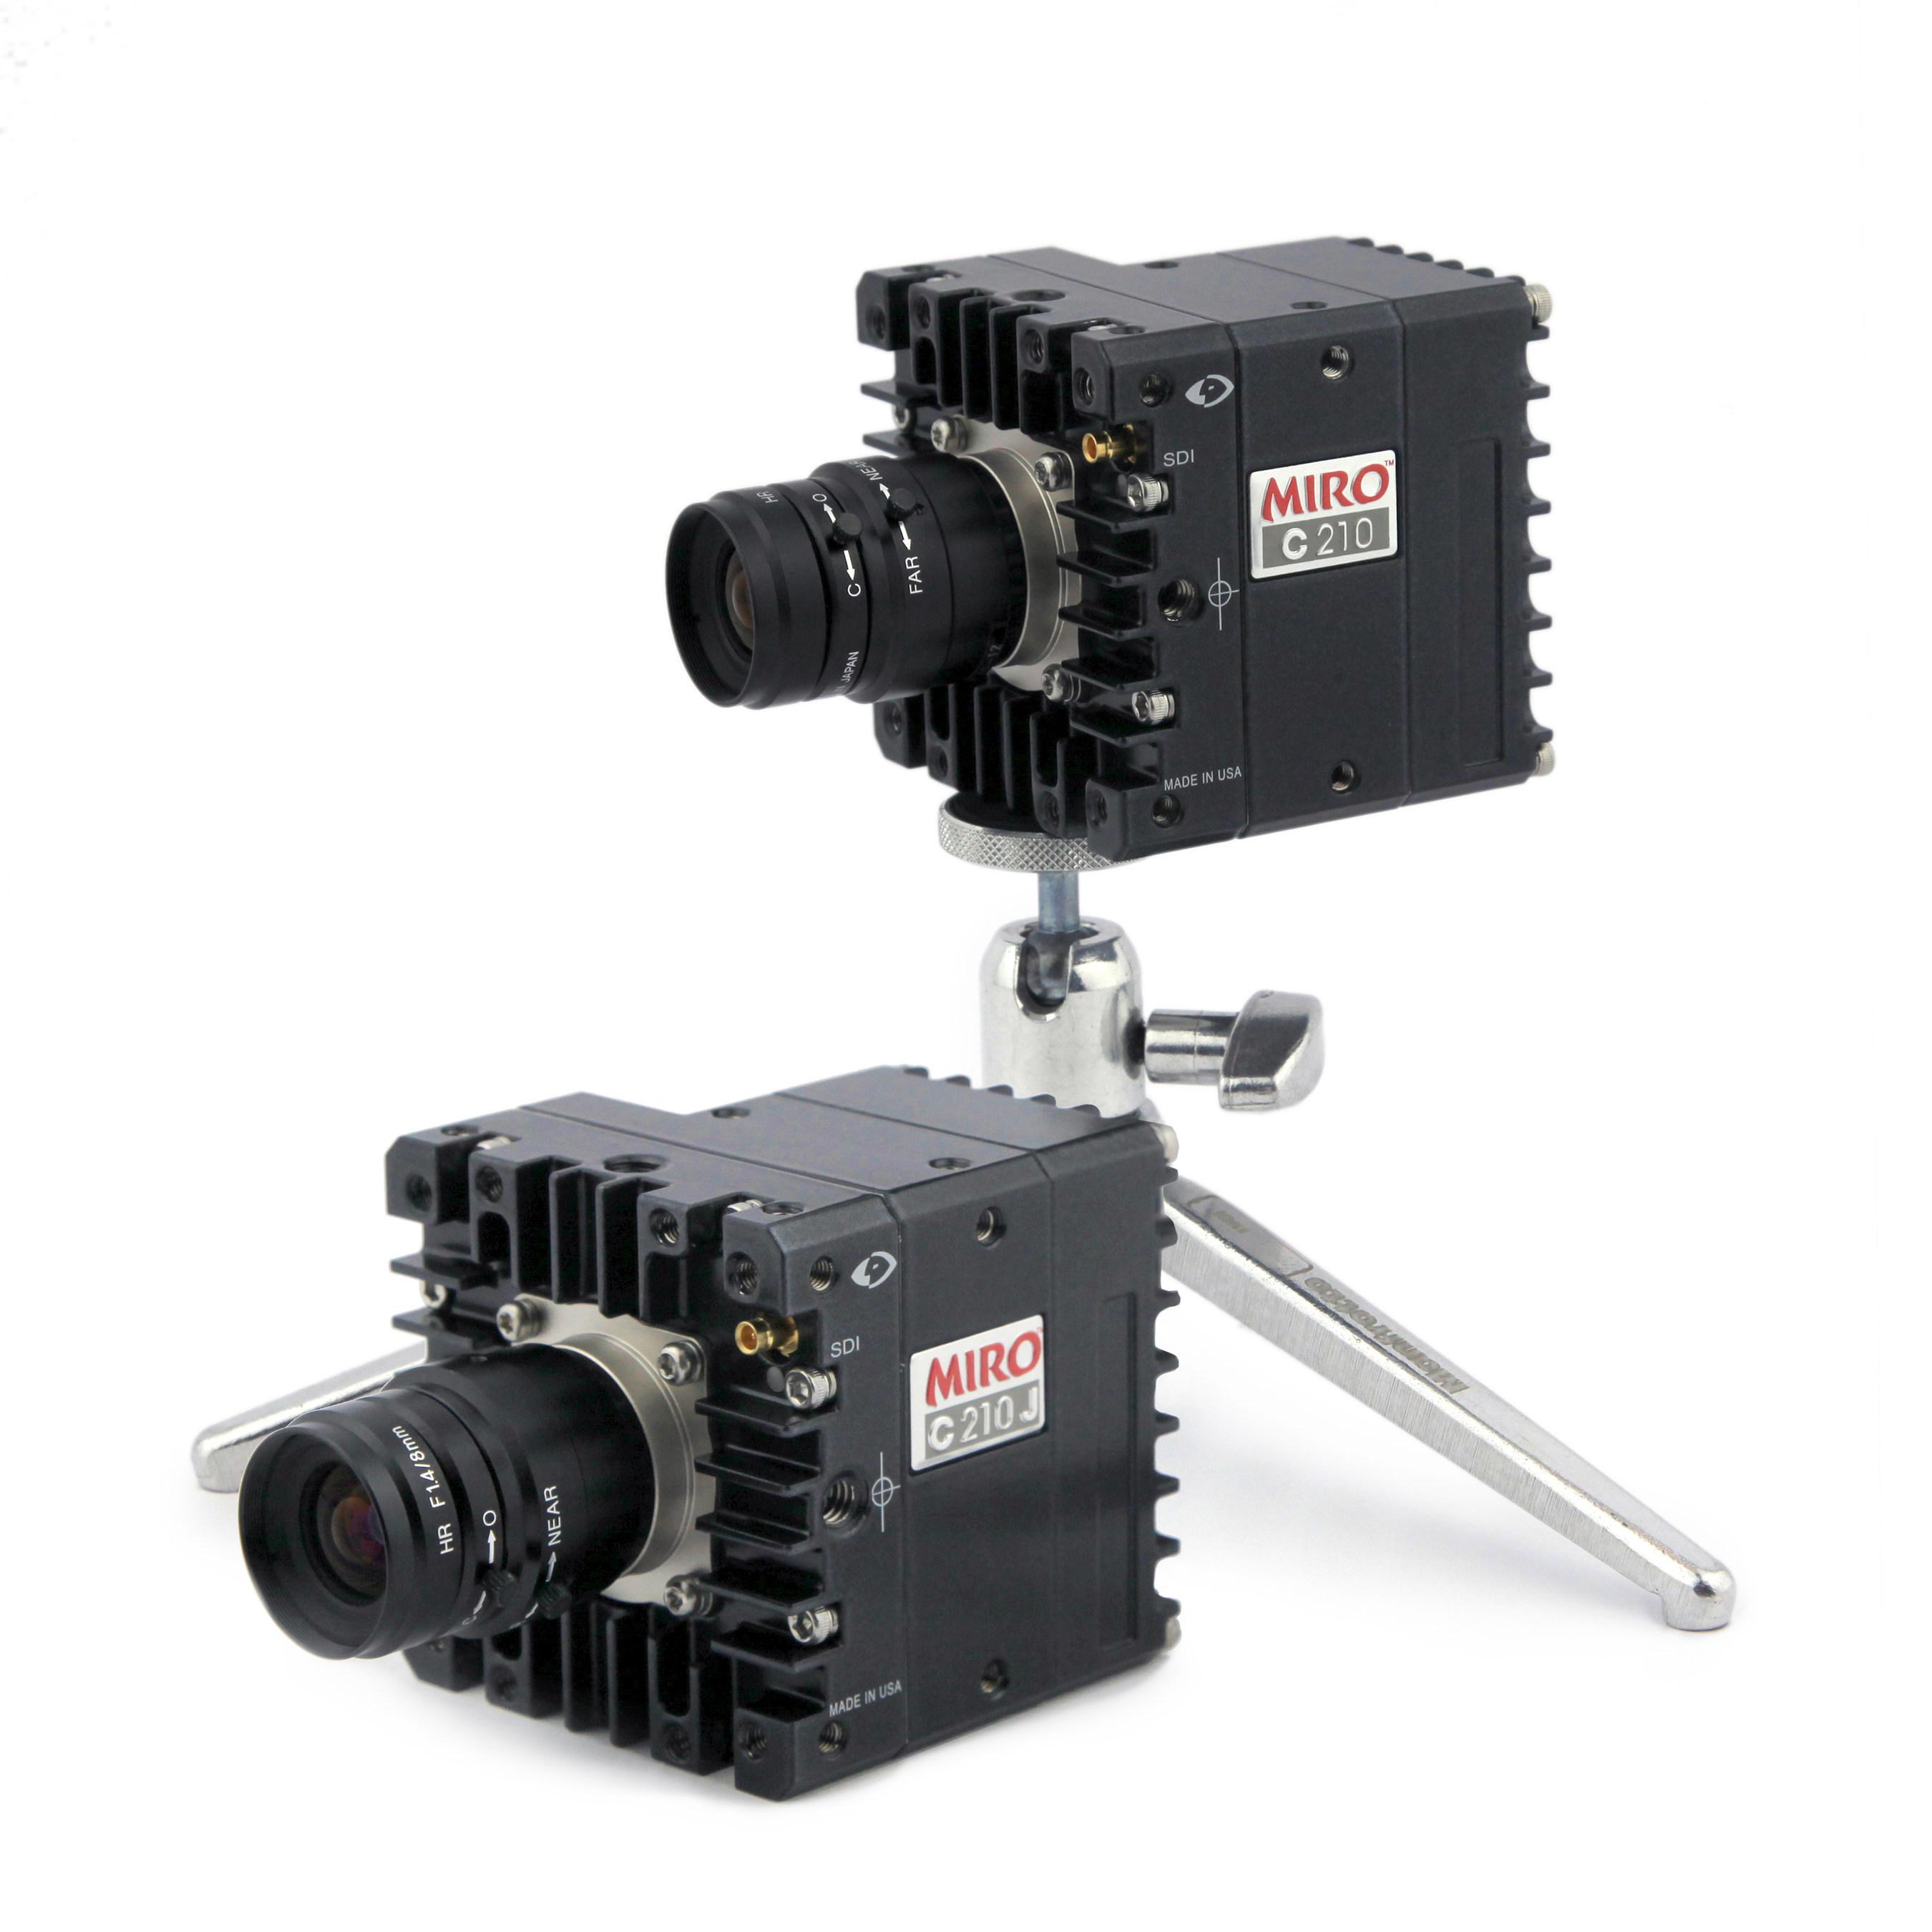 Vision Research lance les nouvelles caméras rapides robustes Phantom® Miro® série C